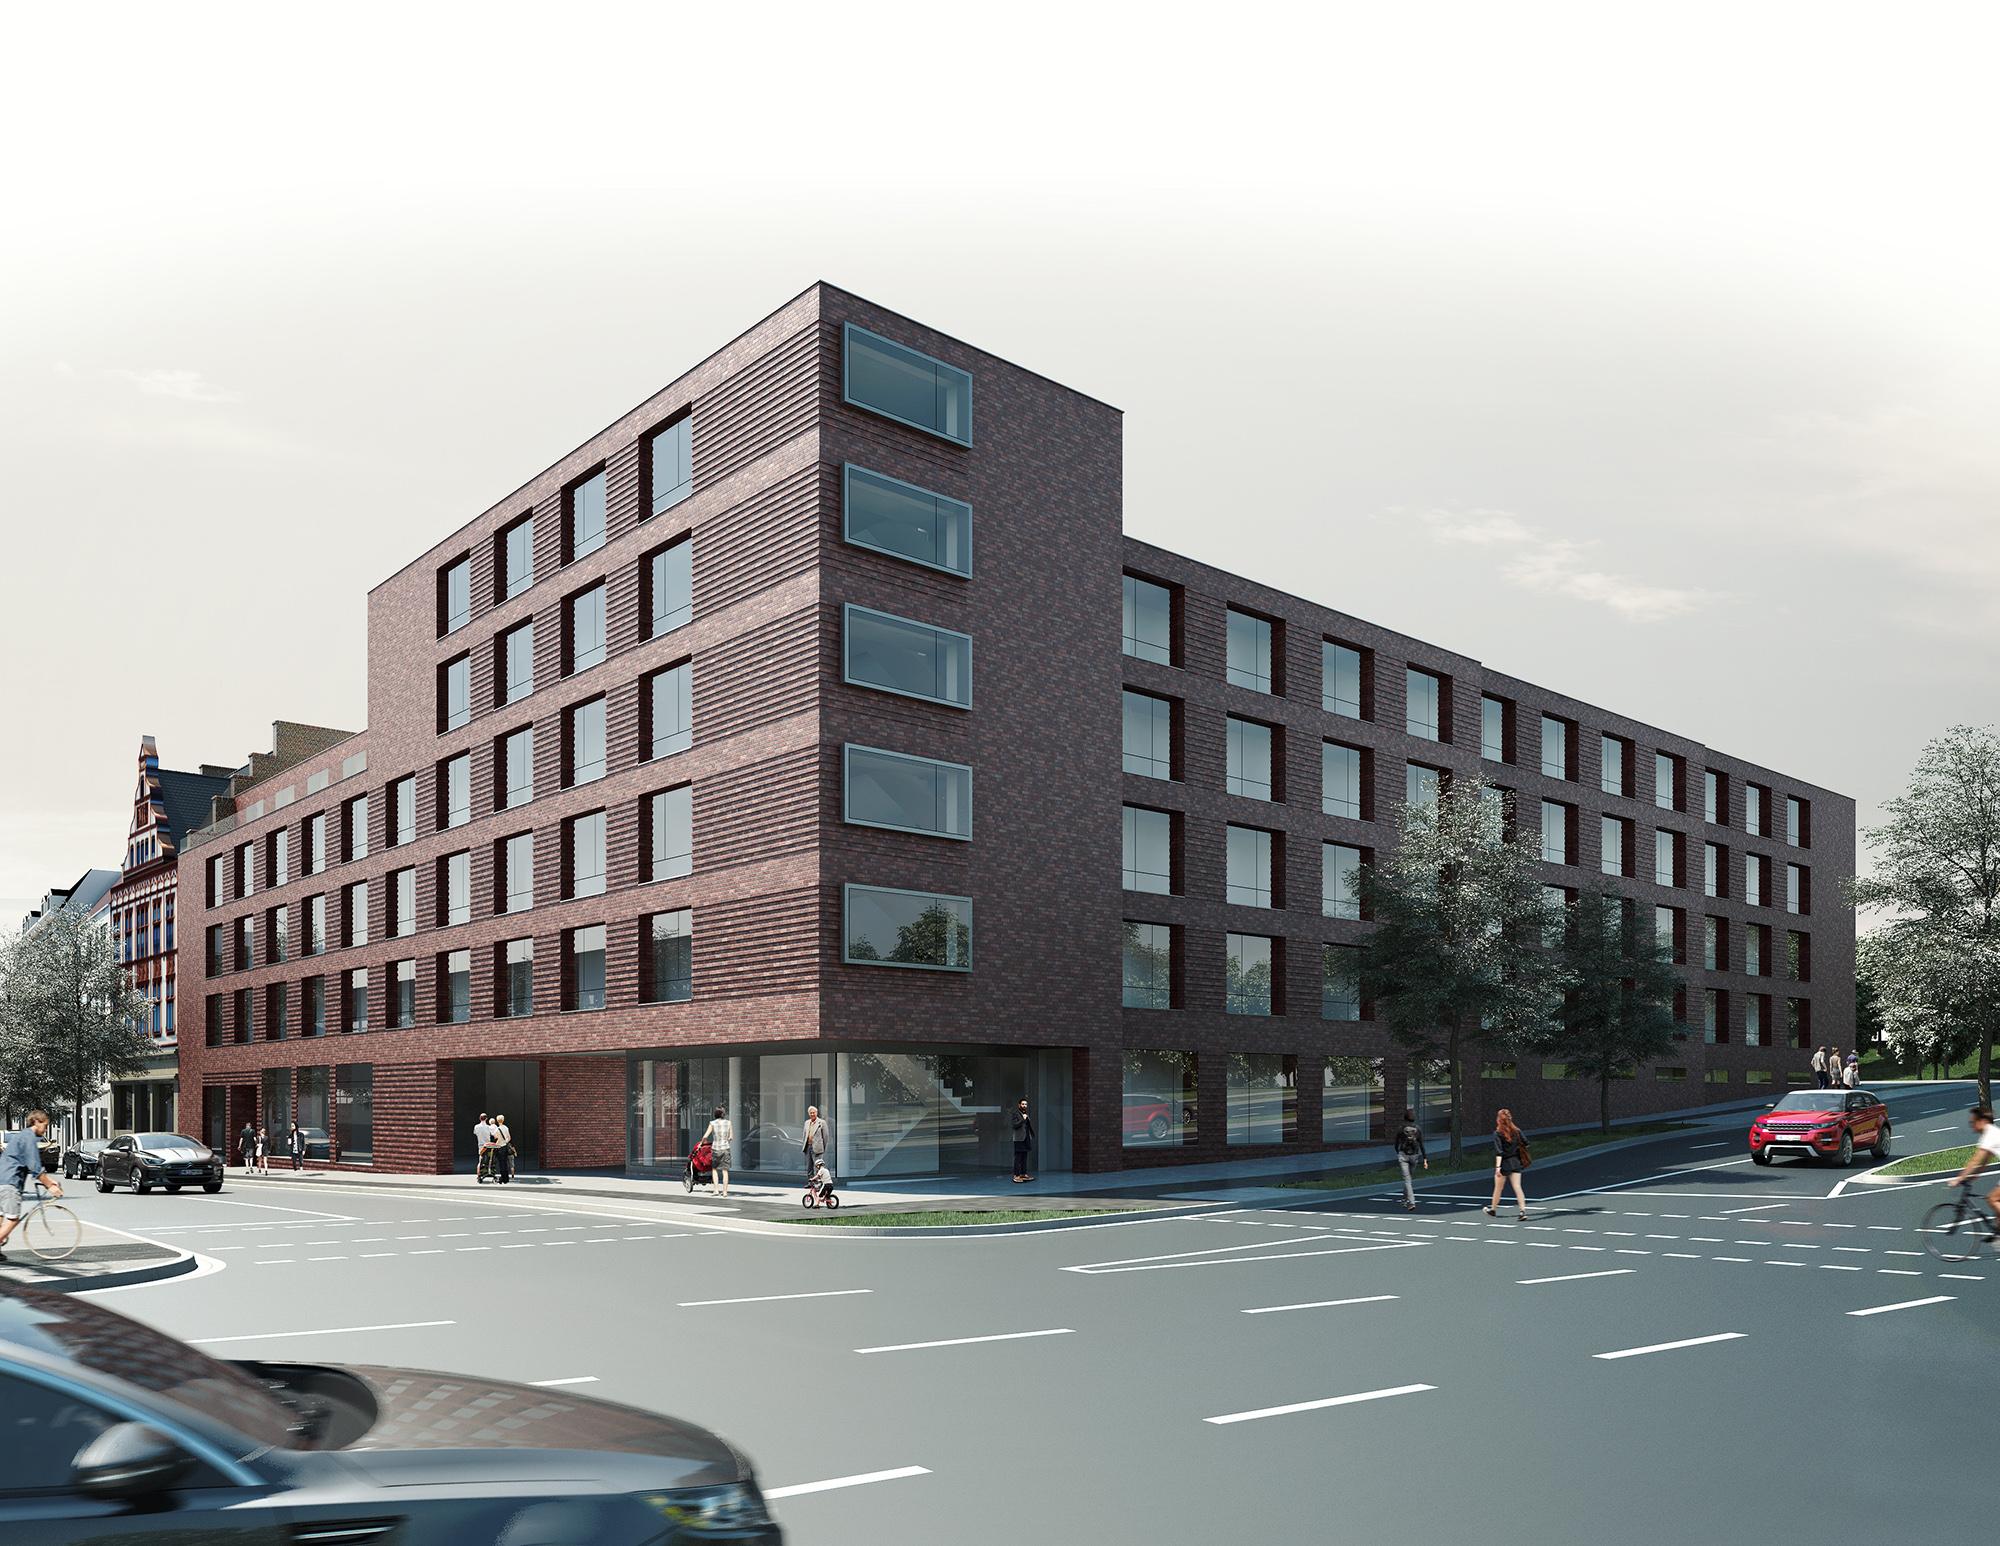 Architekten Mönchengladbach architekten bksp wettbewerb wohnbebauung mönchengladbach homebase2